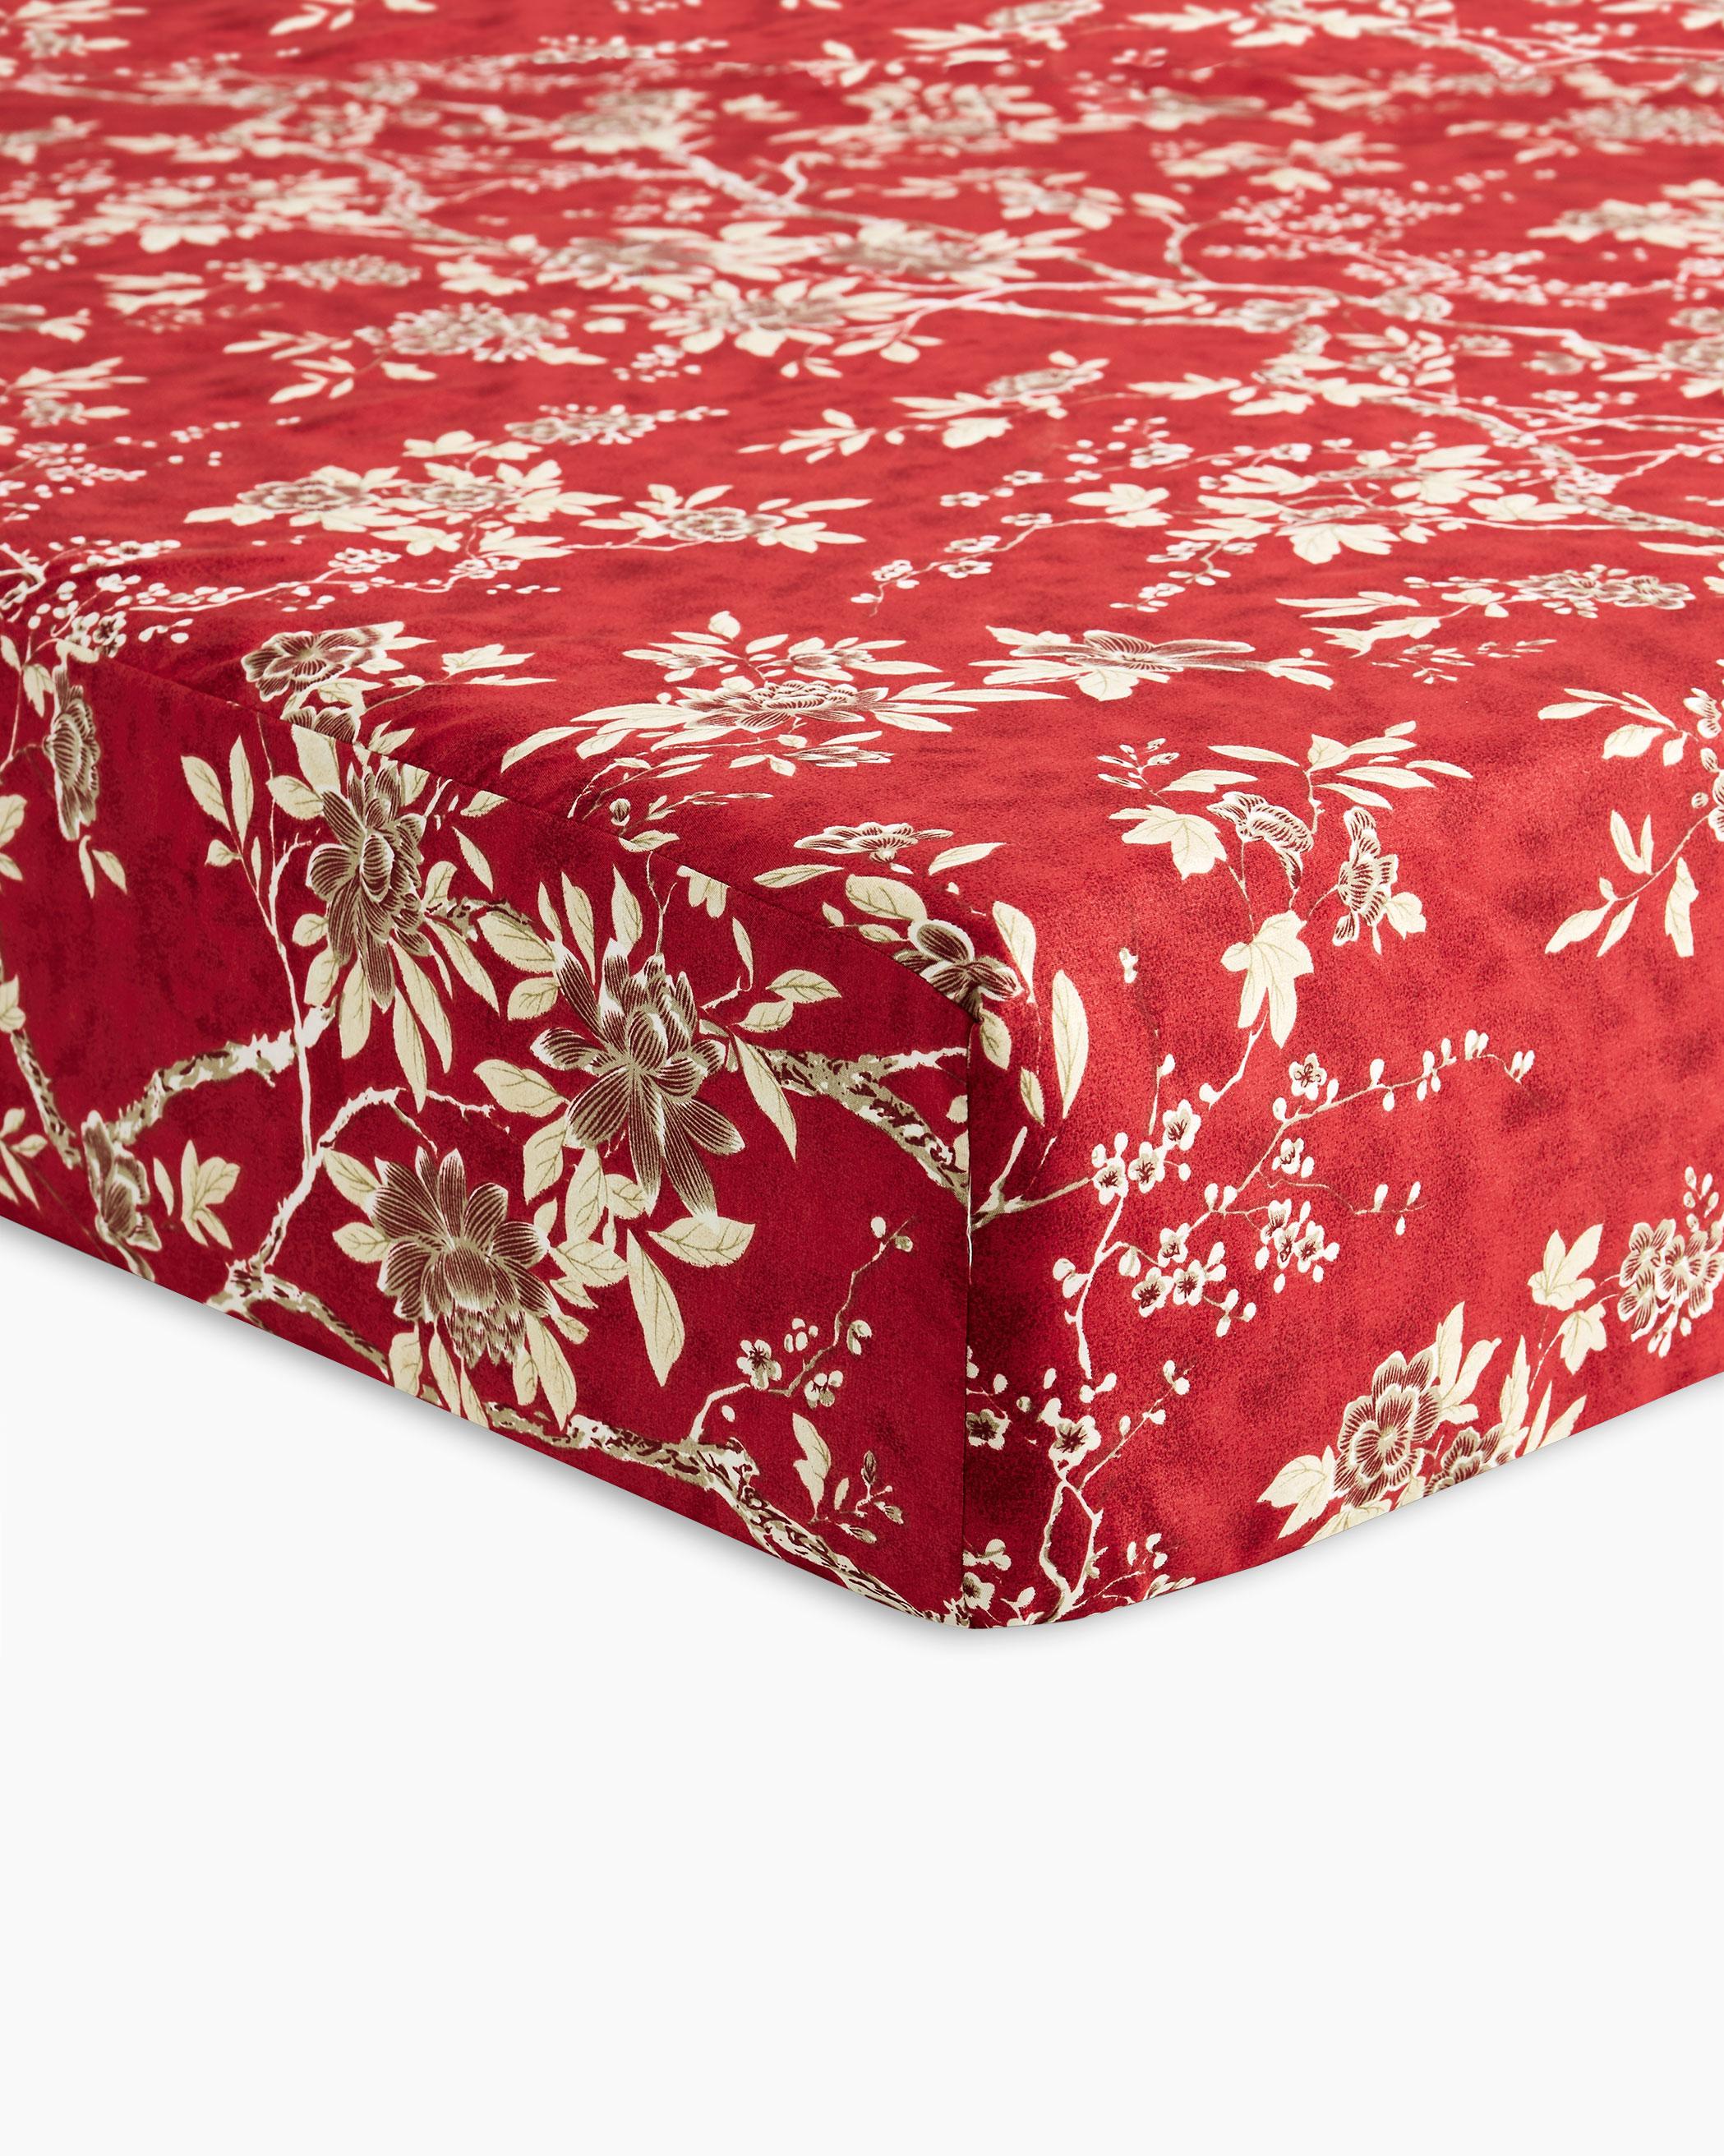 Red Floral Microfiber Sheet Set